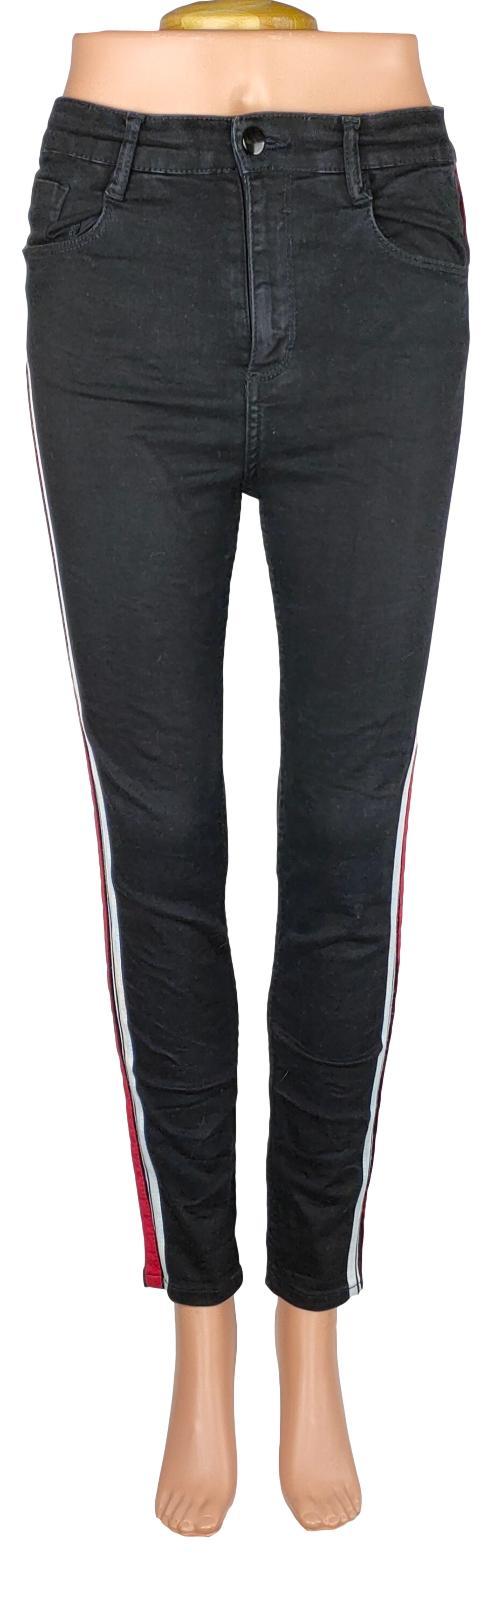 Zara - Taille 40